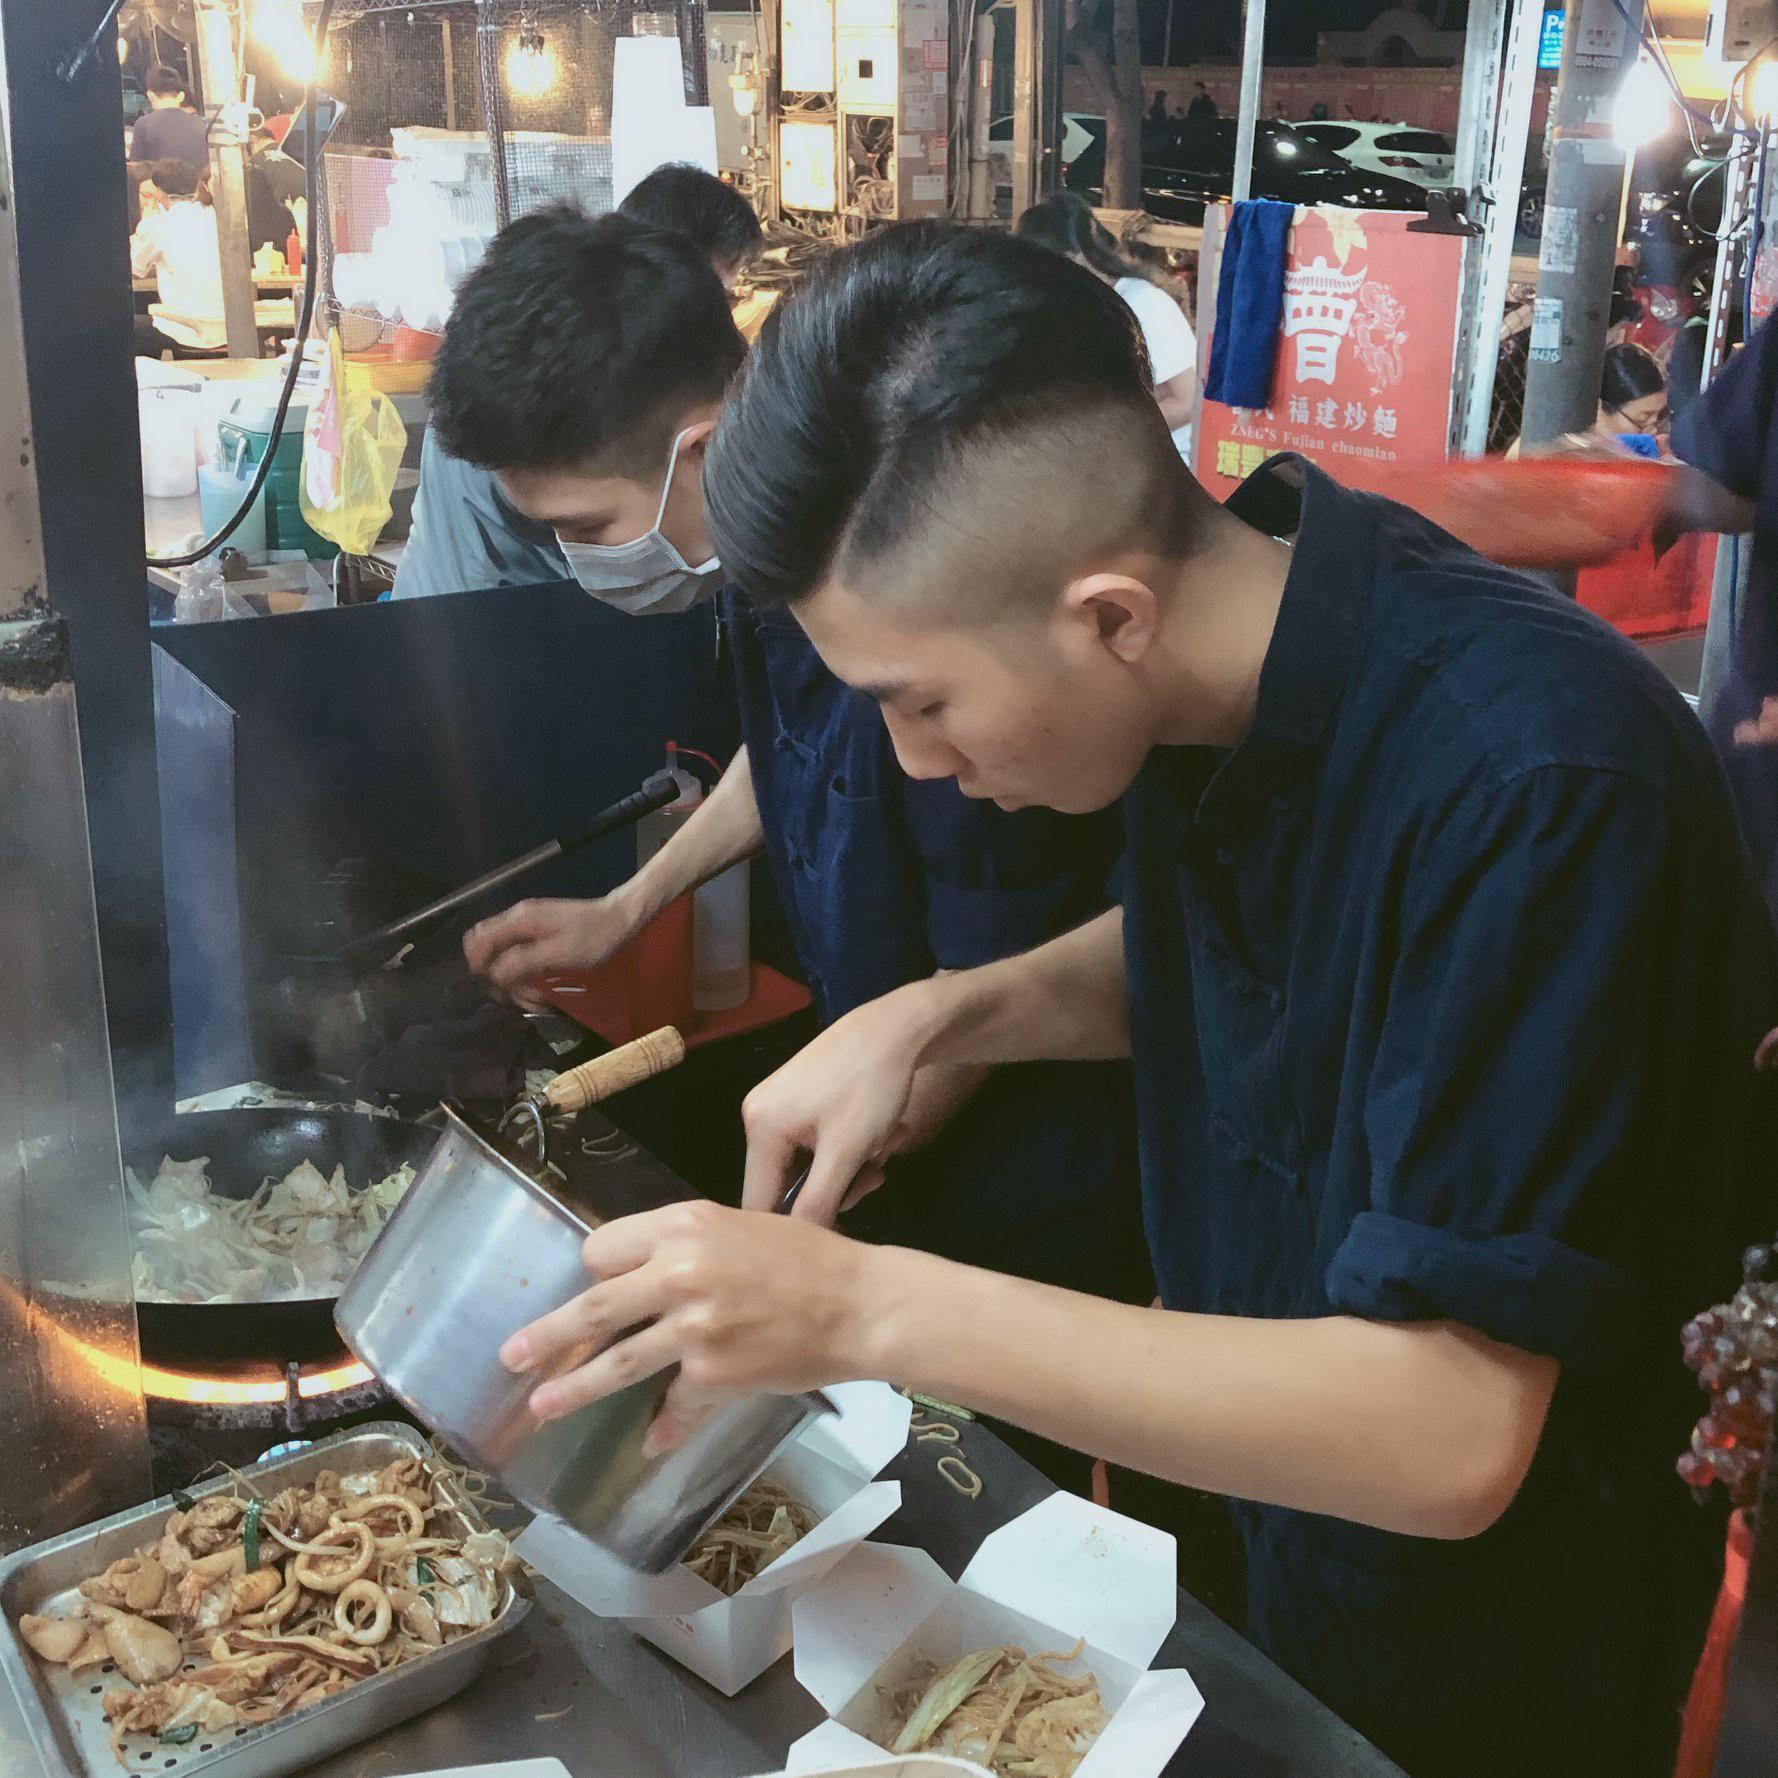 Ghi nhanh sổ tay ăn sập Cao Hùng của chàng du học sinh cho chuyến đi Đài Loan sắp tới - Ảnh 3.